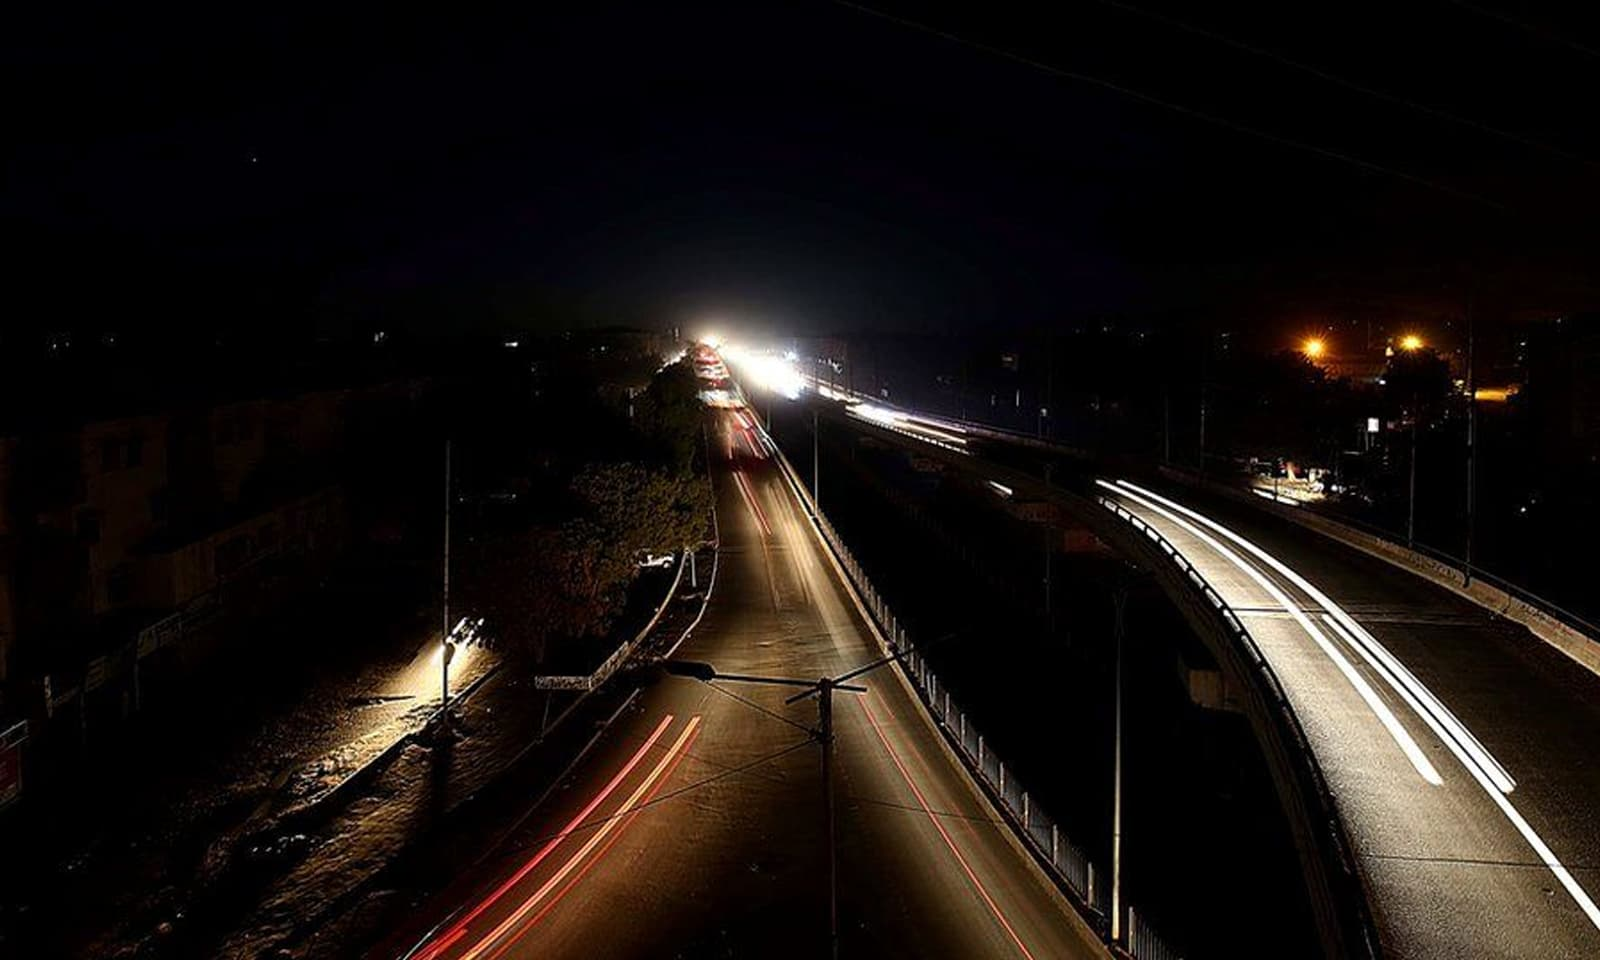 ہفتہ اور اتوار (10 جنوری) کی درمیانی شب کو ملک اچانک تاریکی میں ڈوب گیا — فوٹو: ای پی اے